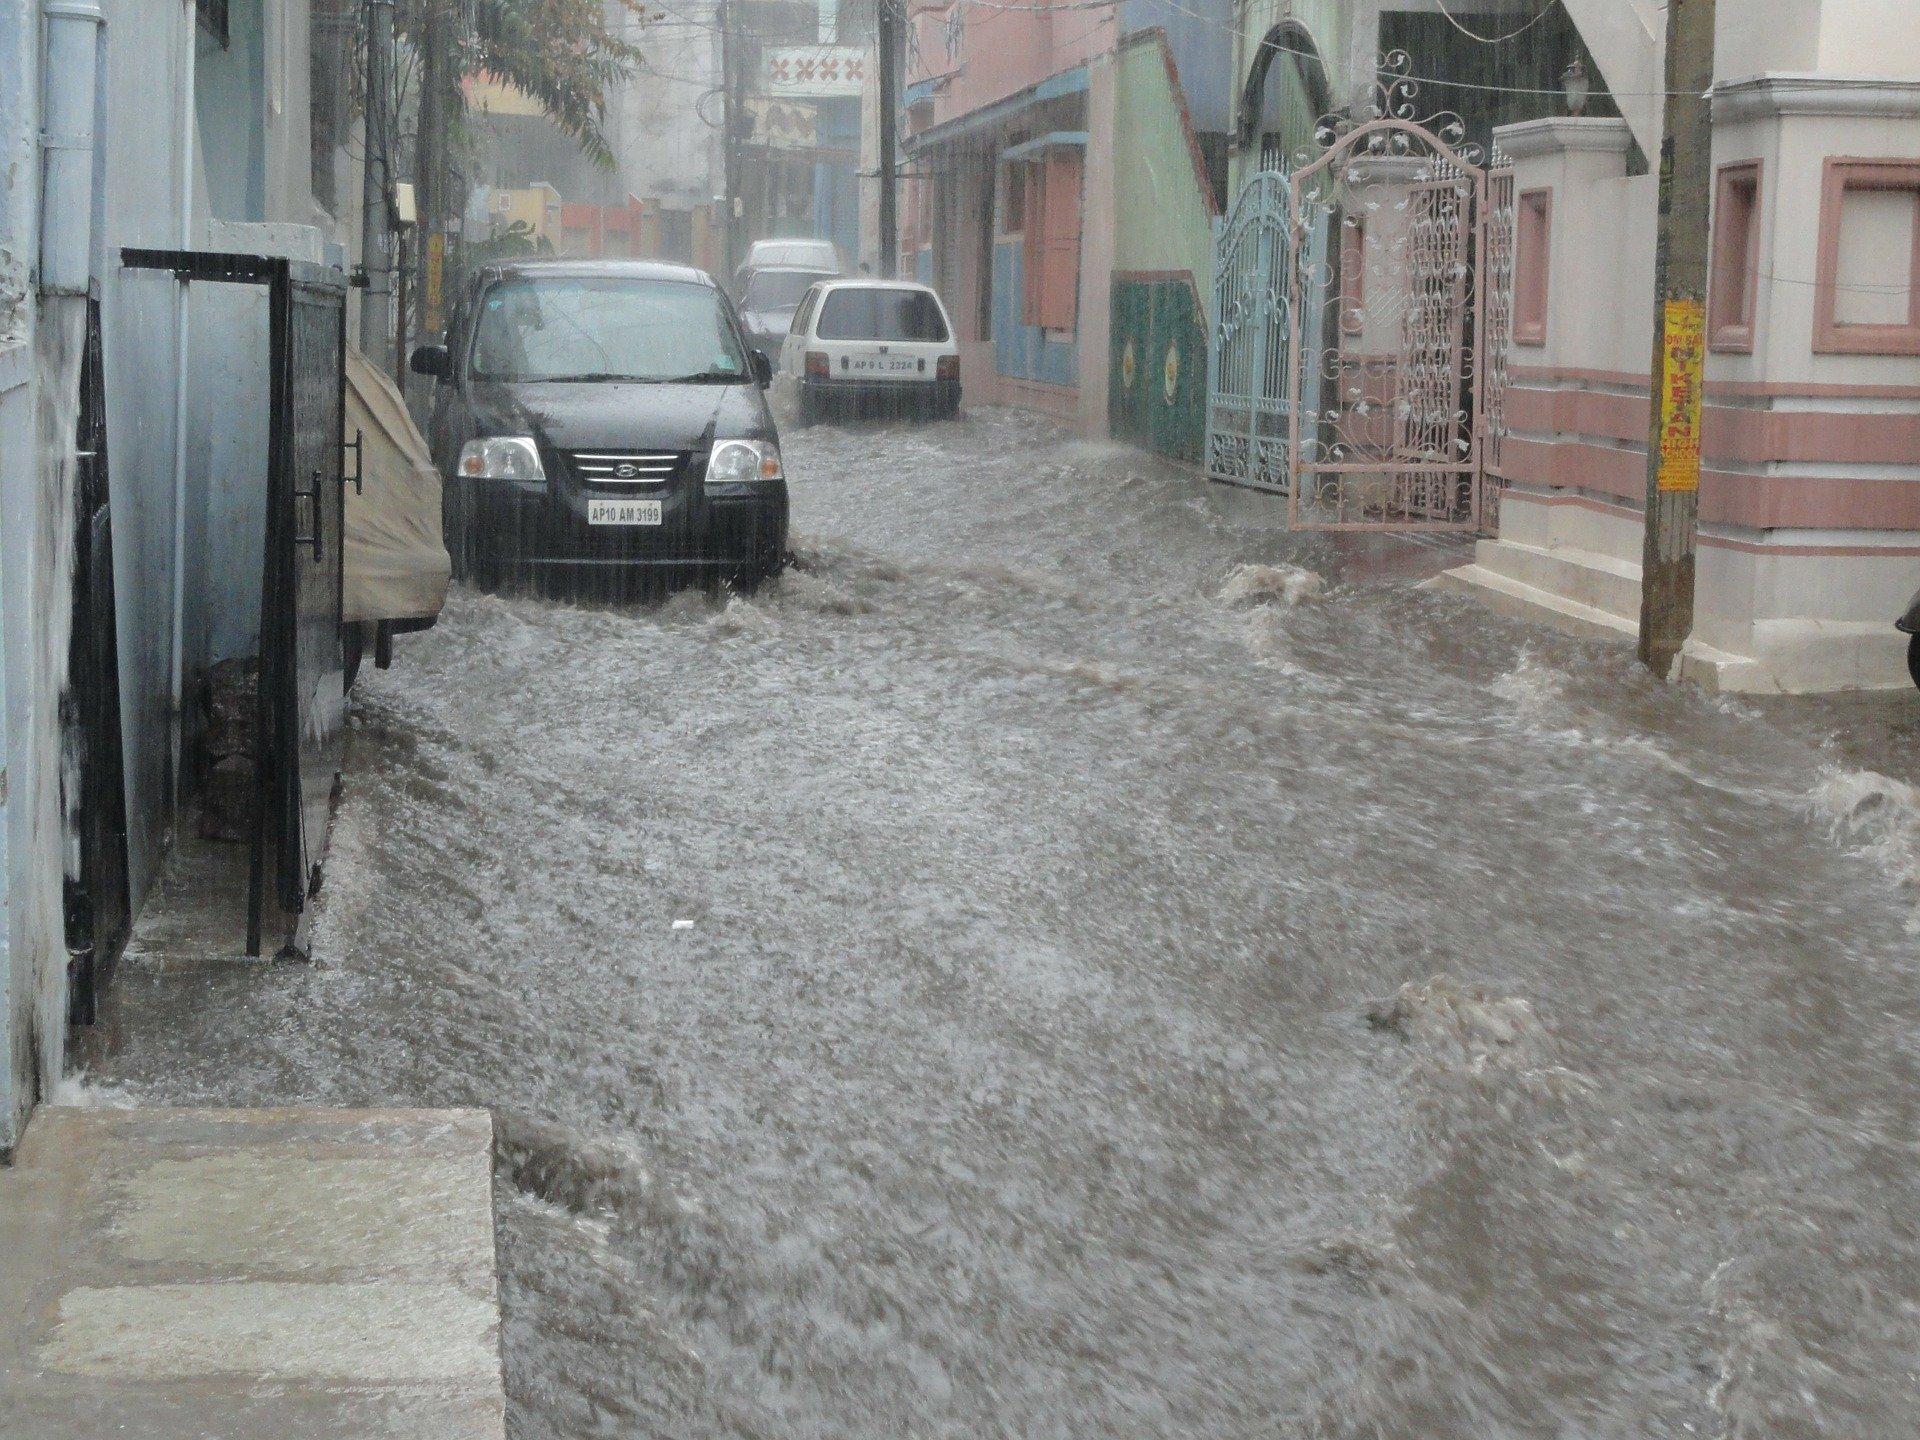 Flut in der Innenstadt mit Auto